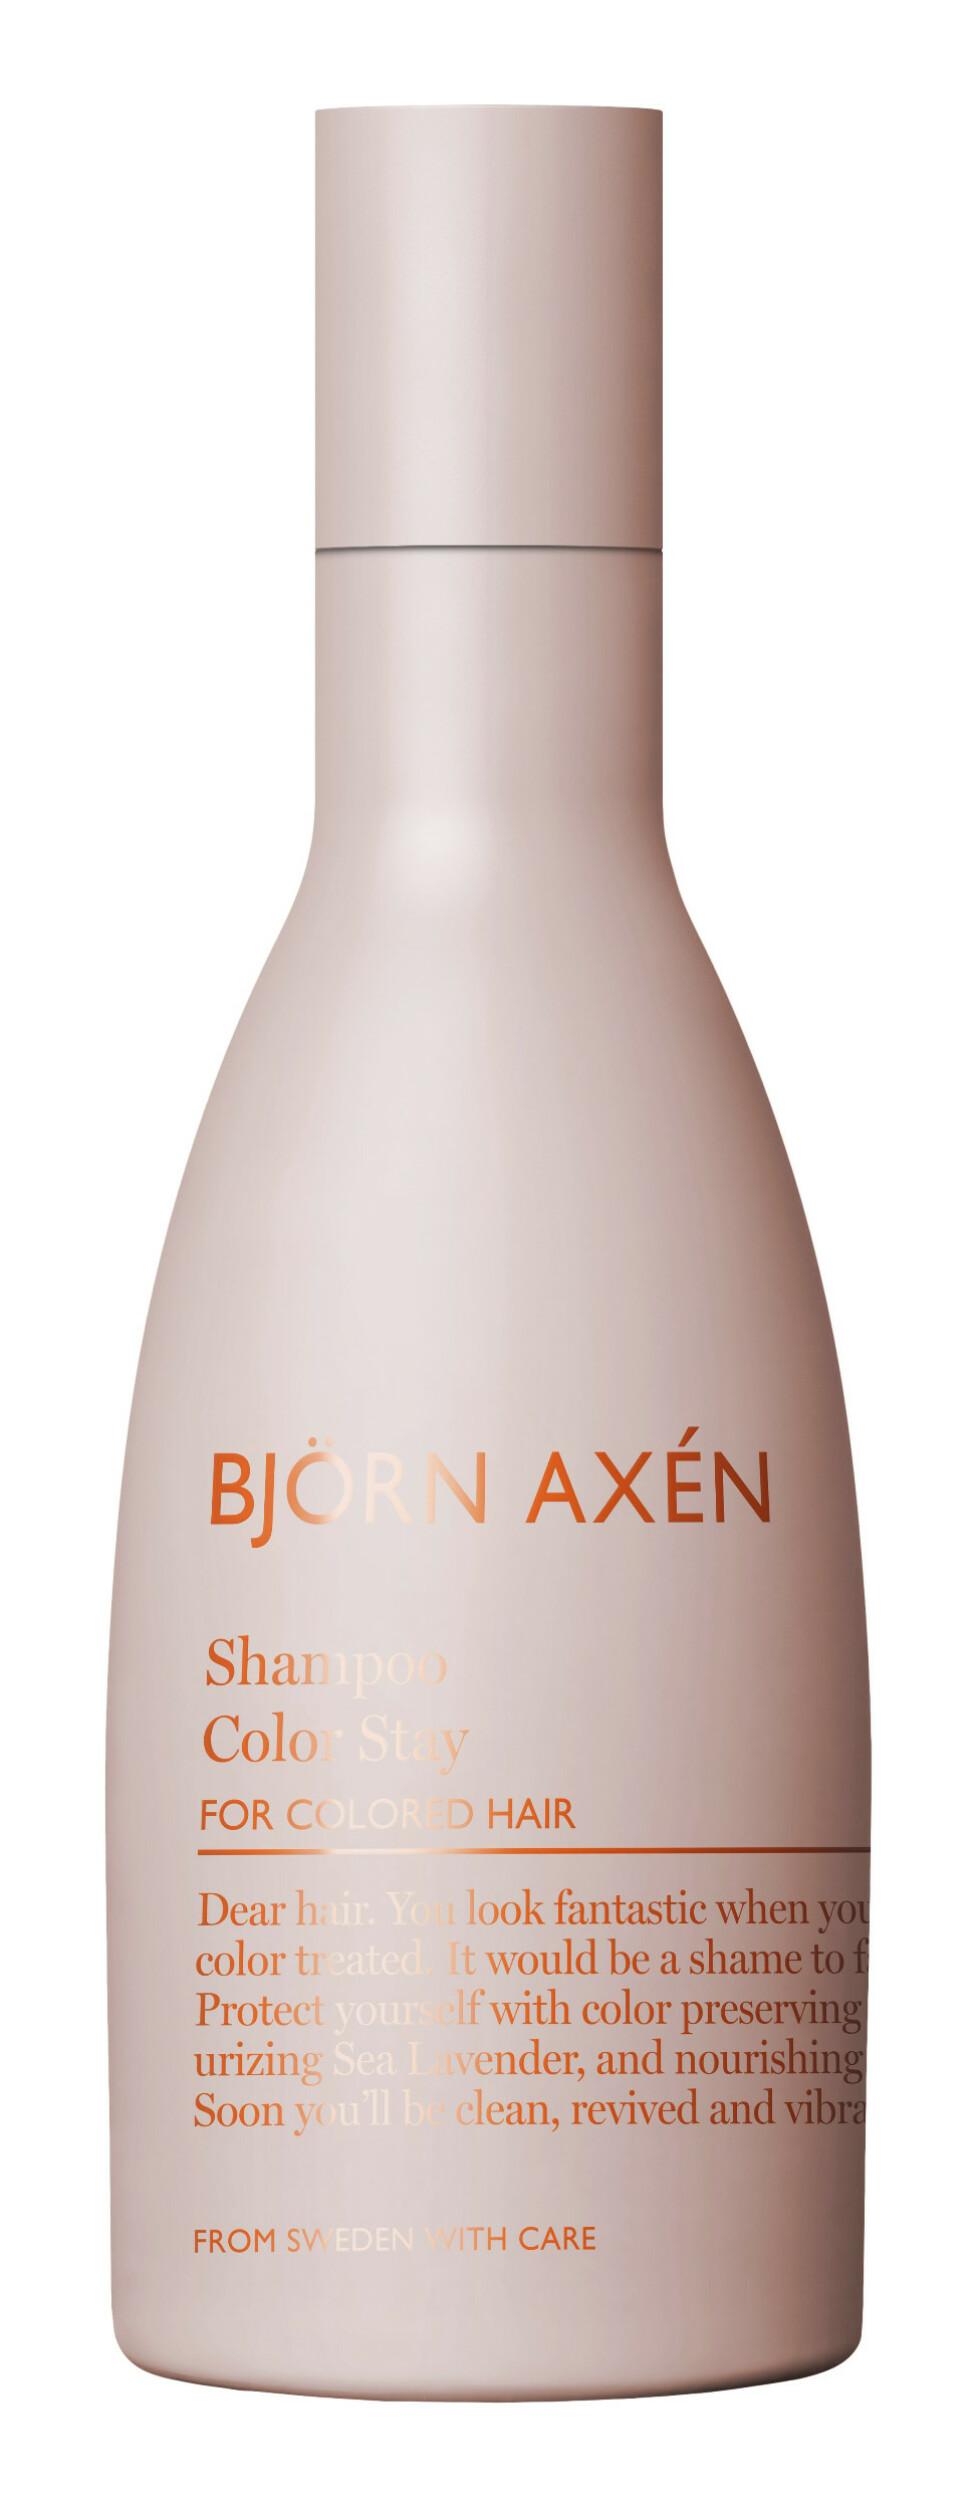 Fargebevarende sjampo mens håret vokser ut (kr 125, Björn Axén, Color Stay Shampoo).